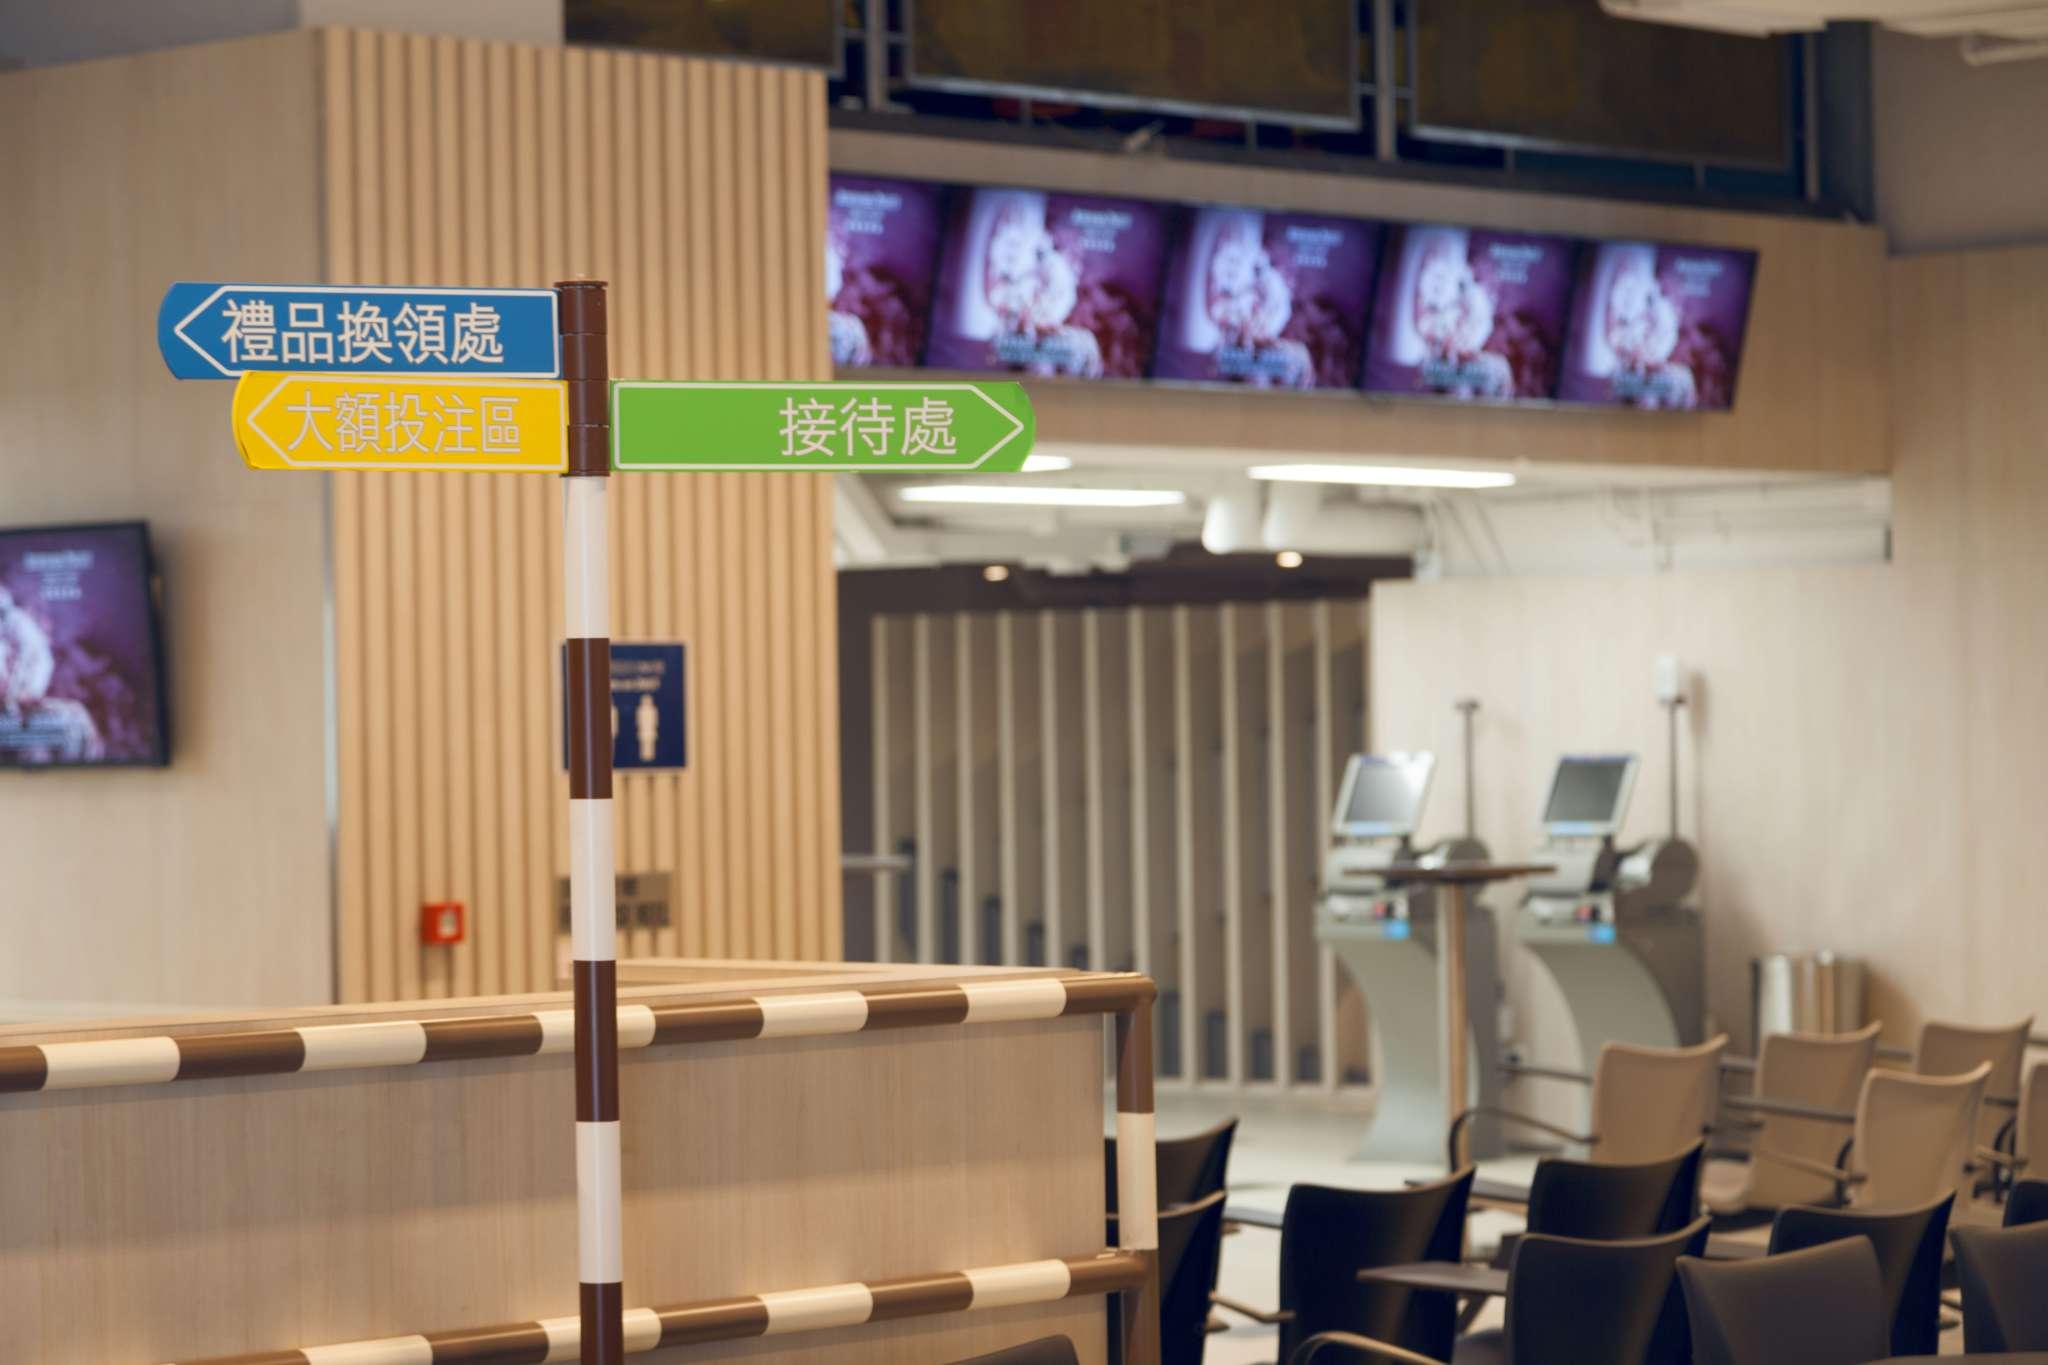 HKJC Tourist Zone